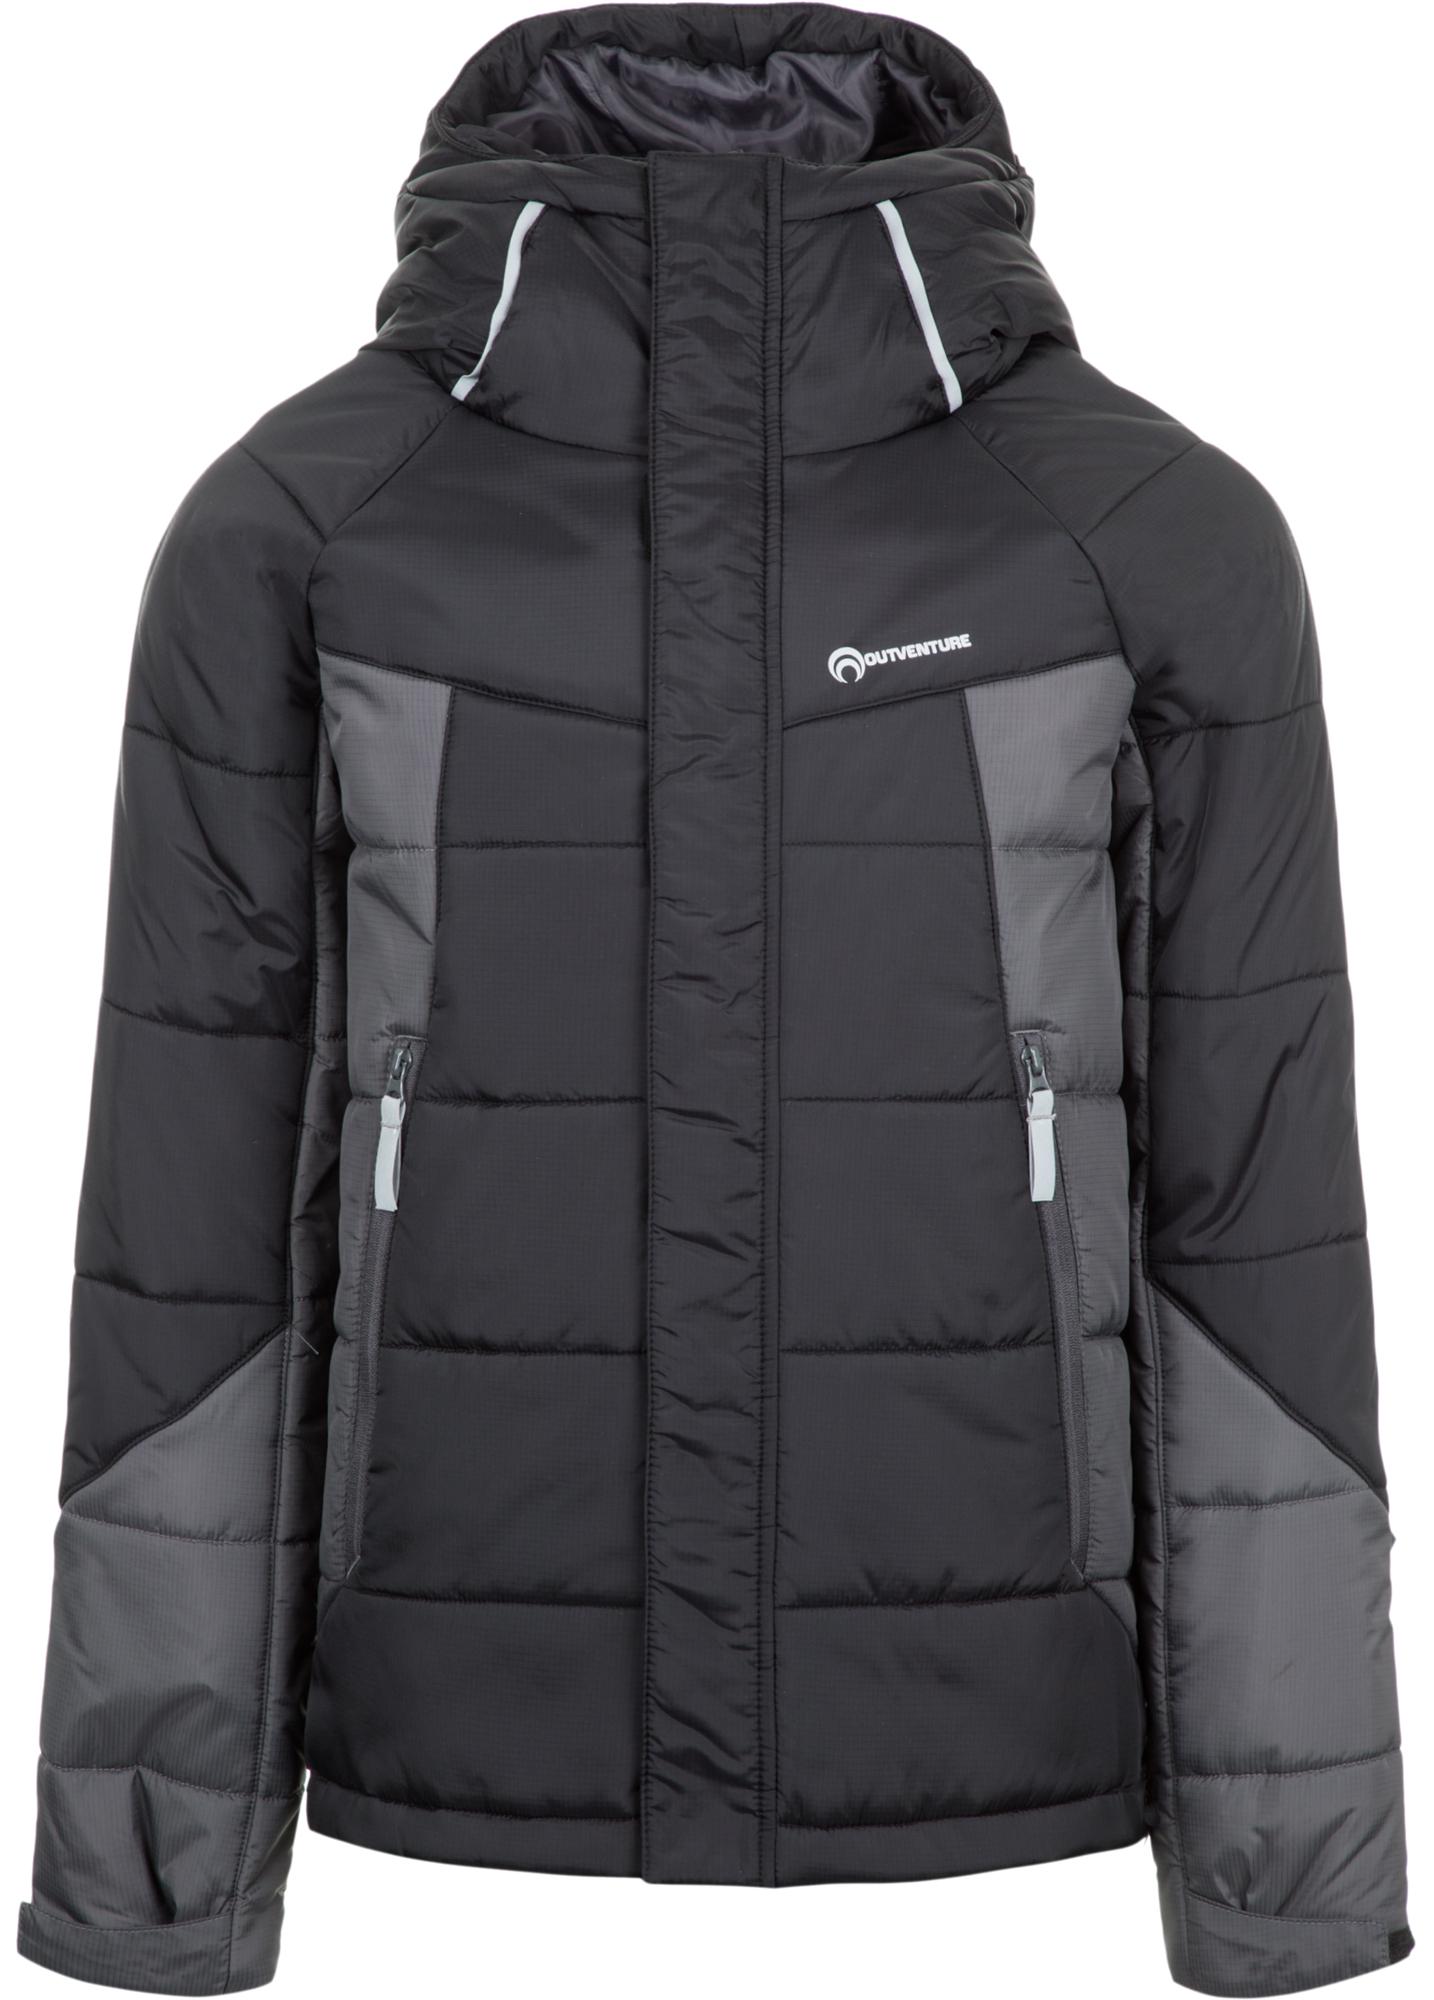 Outventure Куртка утепленная для мальчиков Outventure, размер 164 outventure брюки для мальчиков outventure размер 164